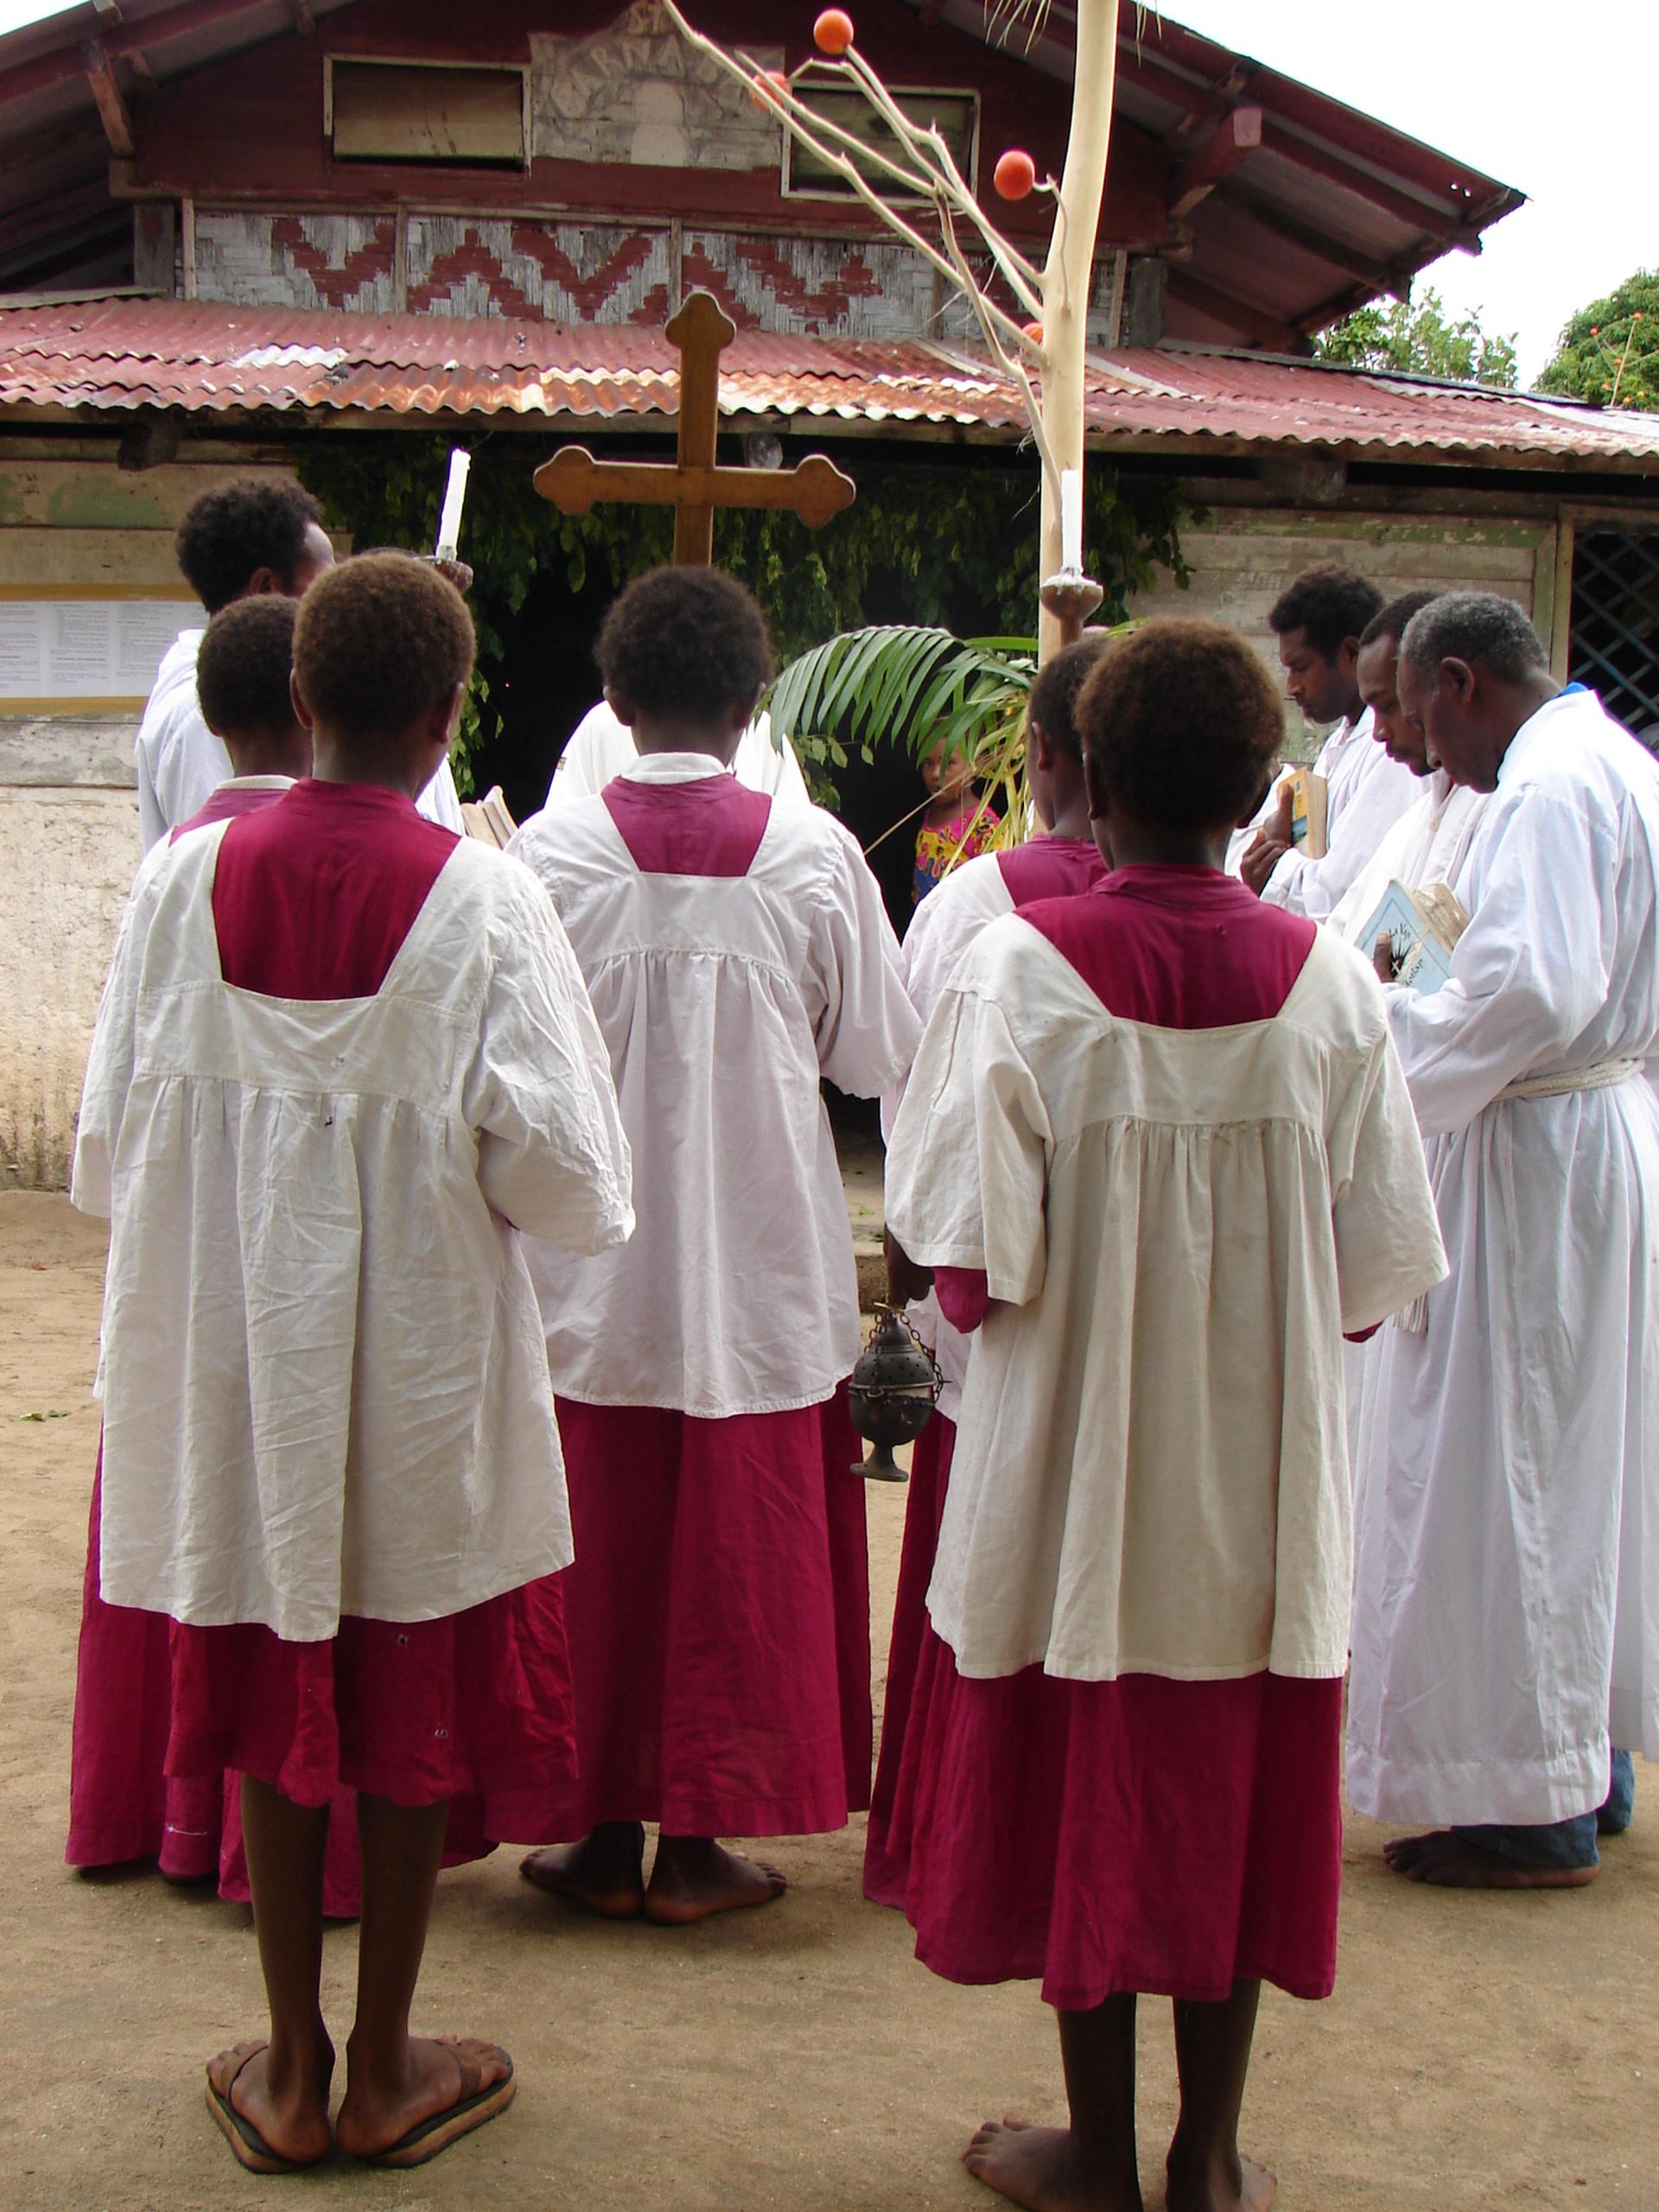 En 1867, la langue mota fut choisie comme langue d'évangélisation. Encore aujourd'hui, on entend encore parfois, dans certaines îles, chanter des hymnes en langue mota. (photo AF, Motalava, 2005)